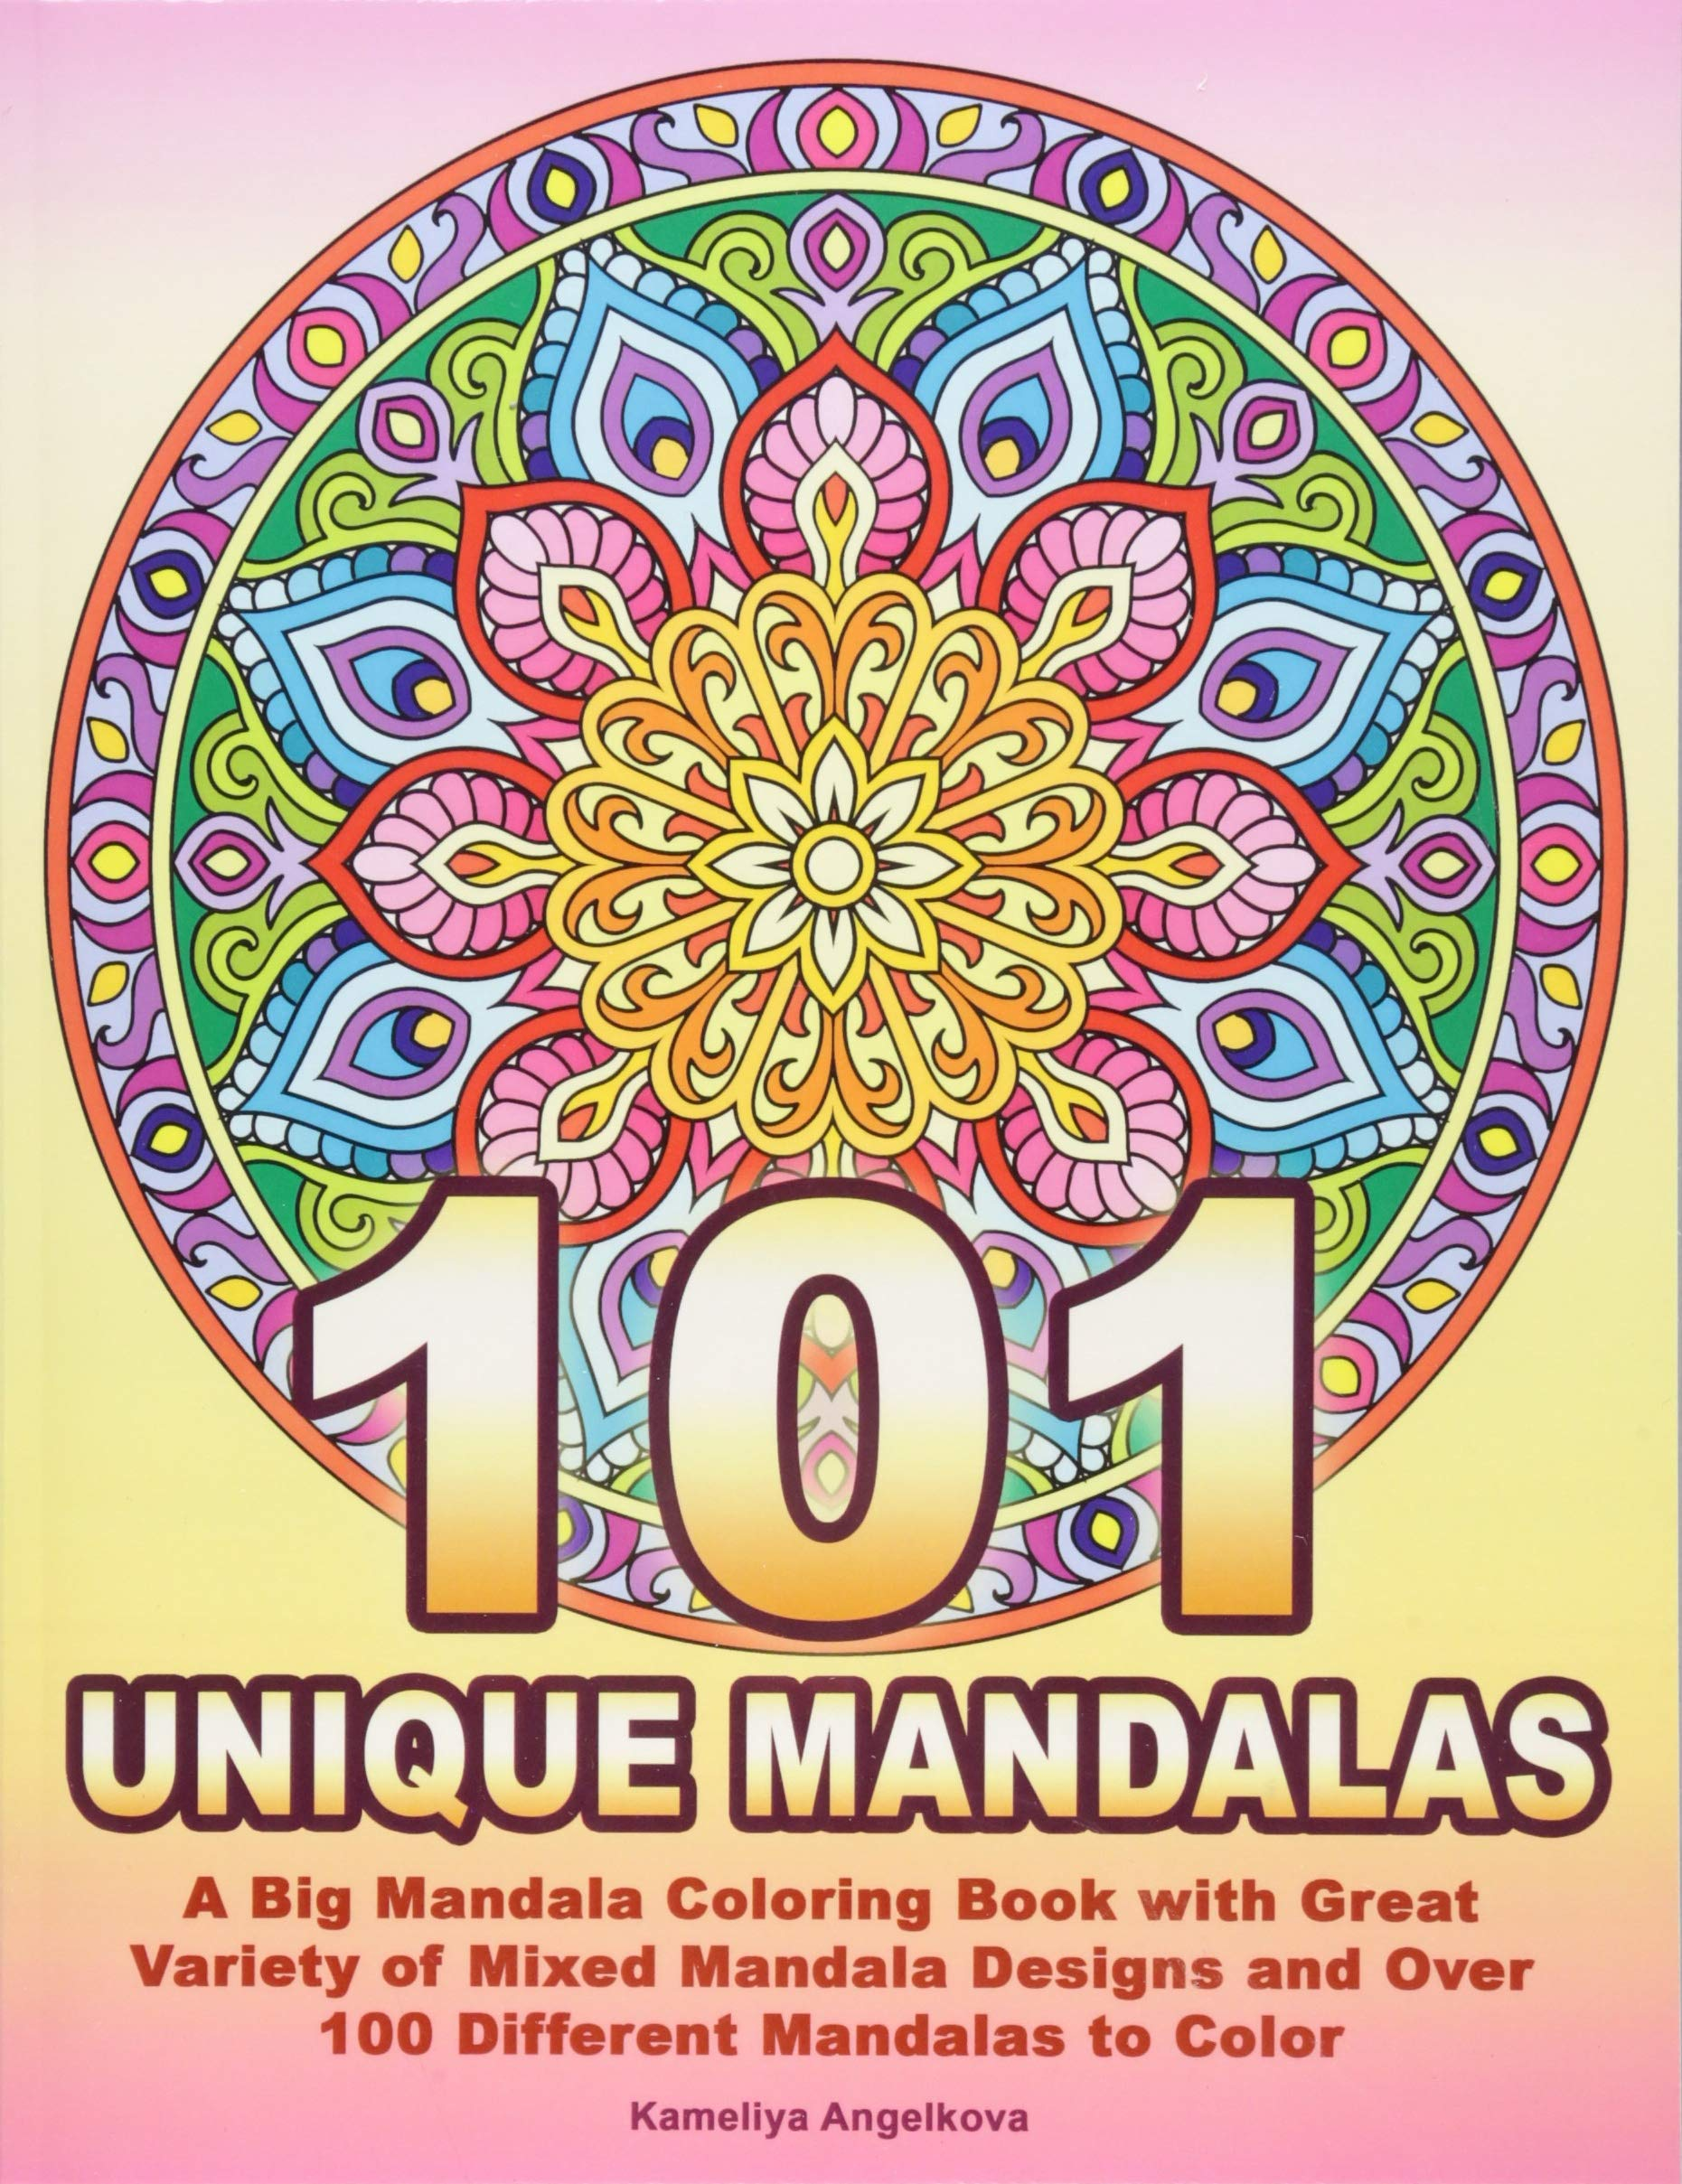 Unique Mandalas A Big Mandala Coloring Book With Great